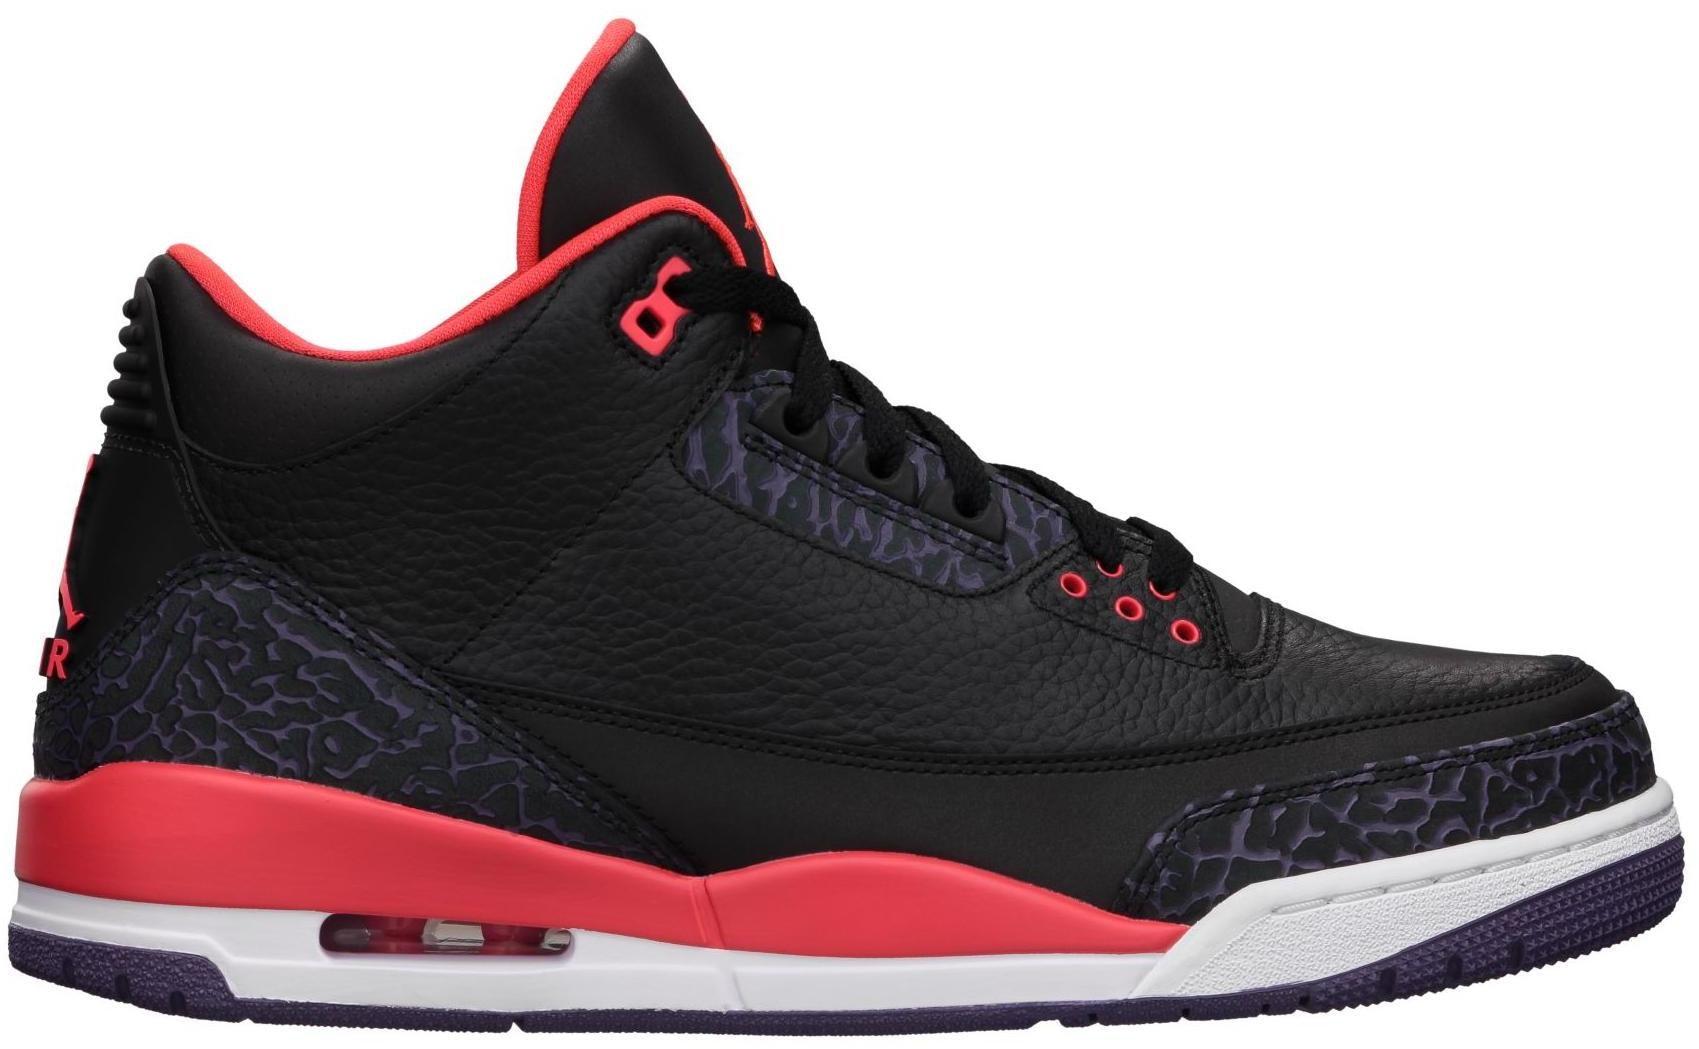 Jordan 3 Retro Crimson